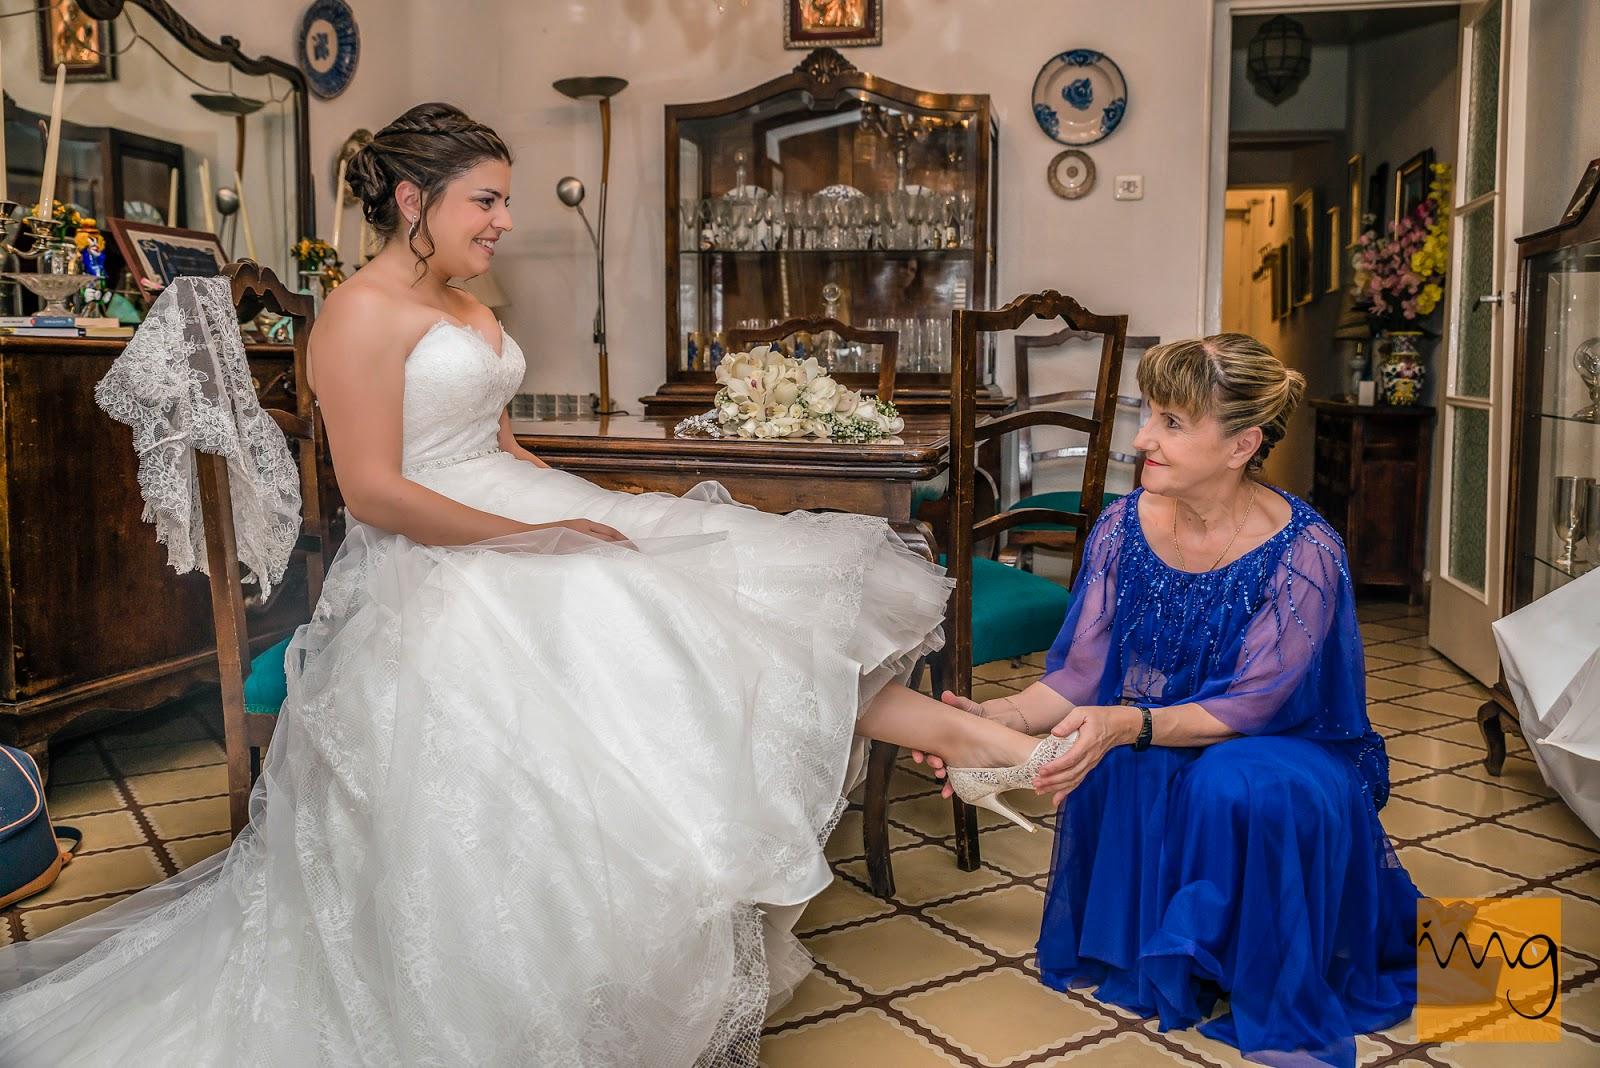 Fotografía de boda, preparativos de la novia